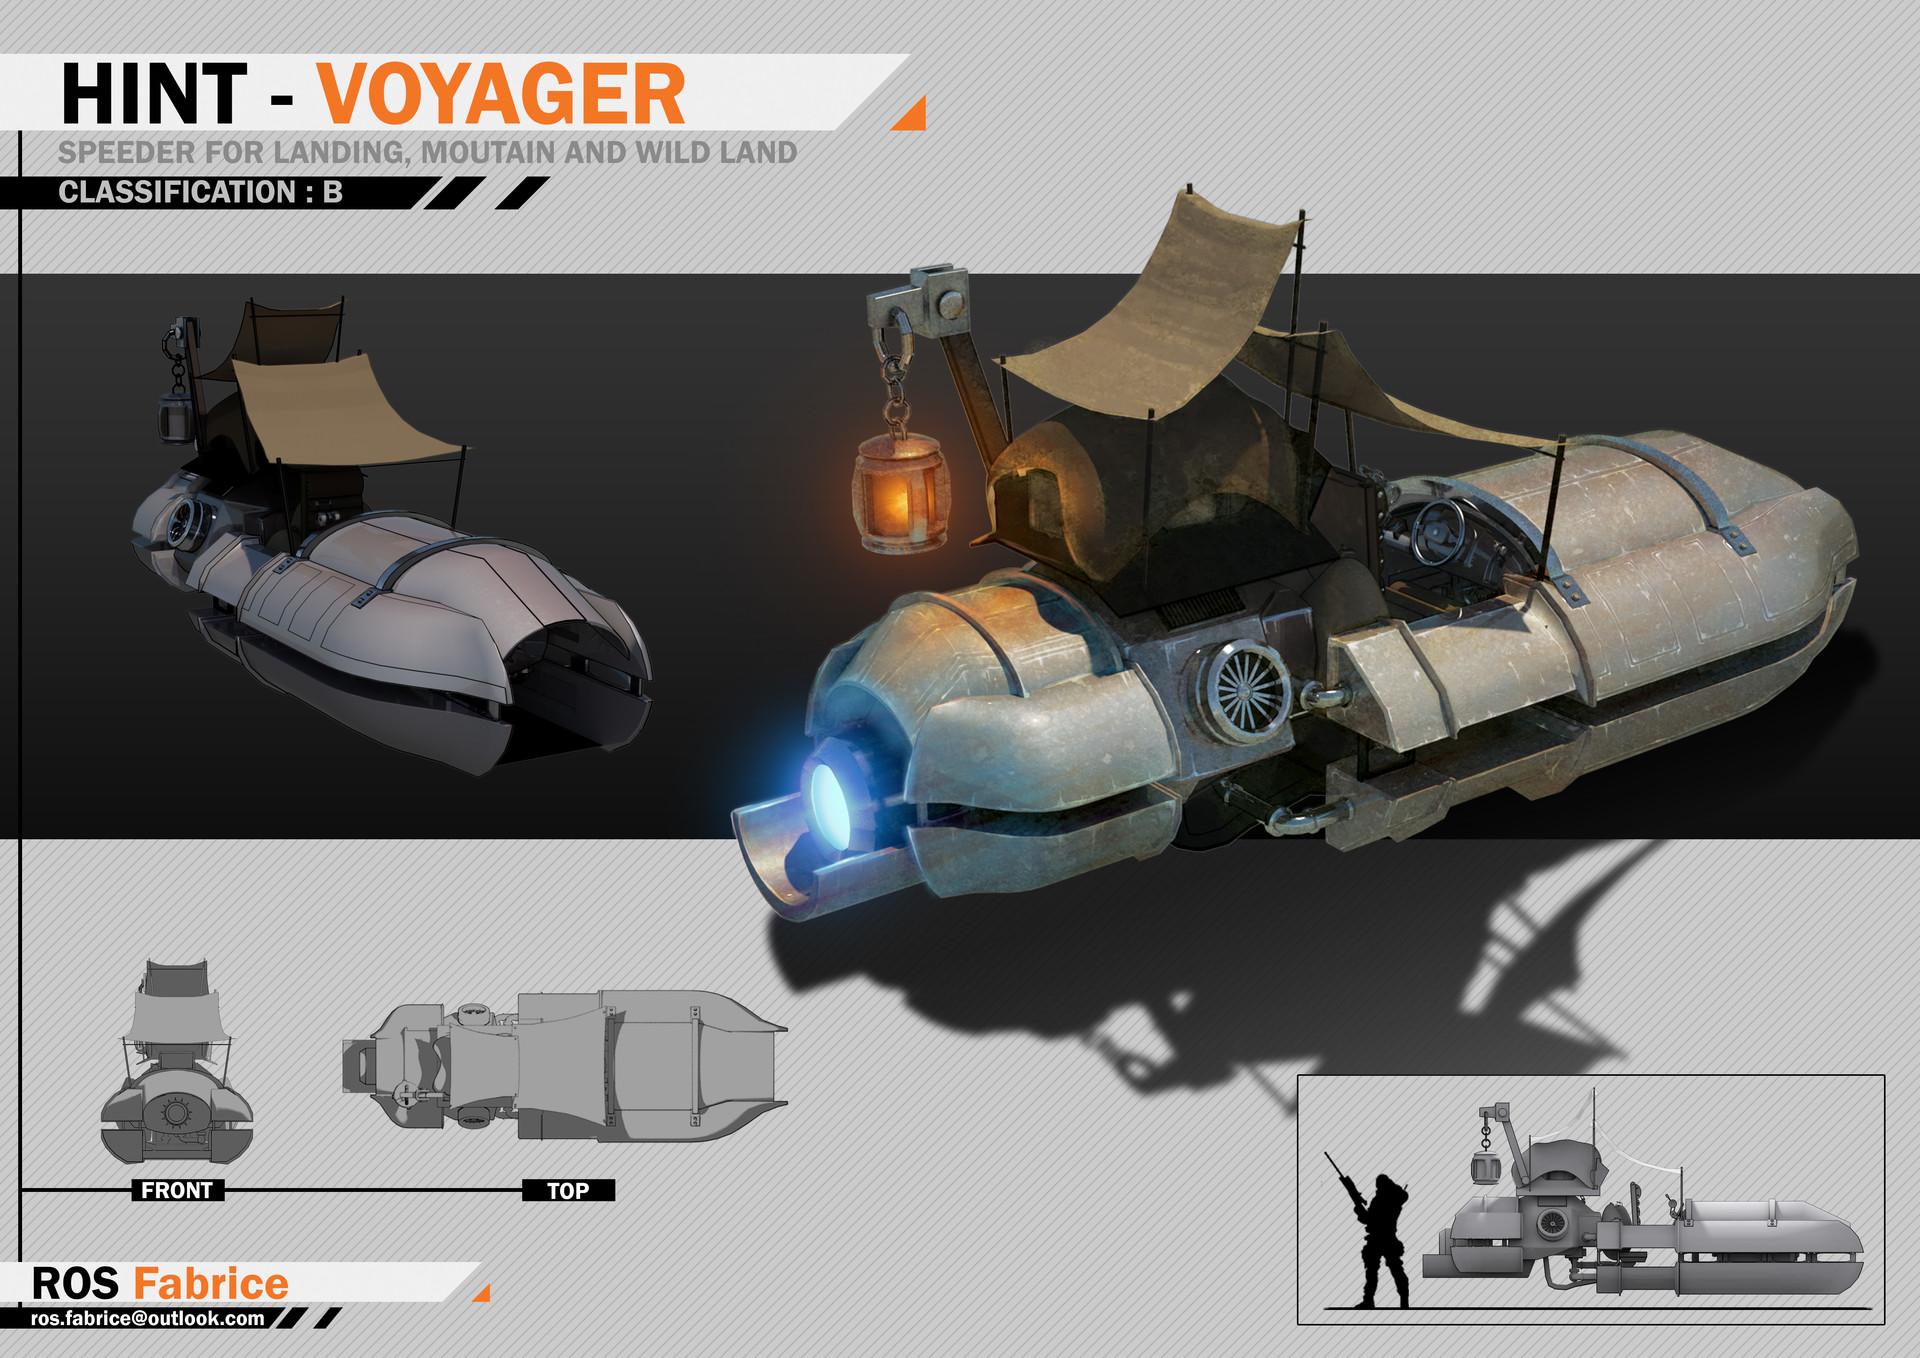 Speeder concept